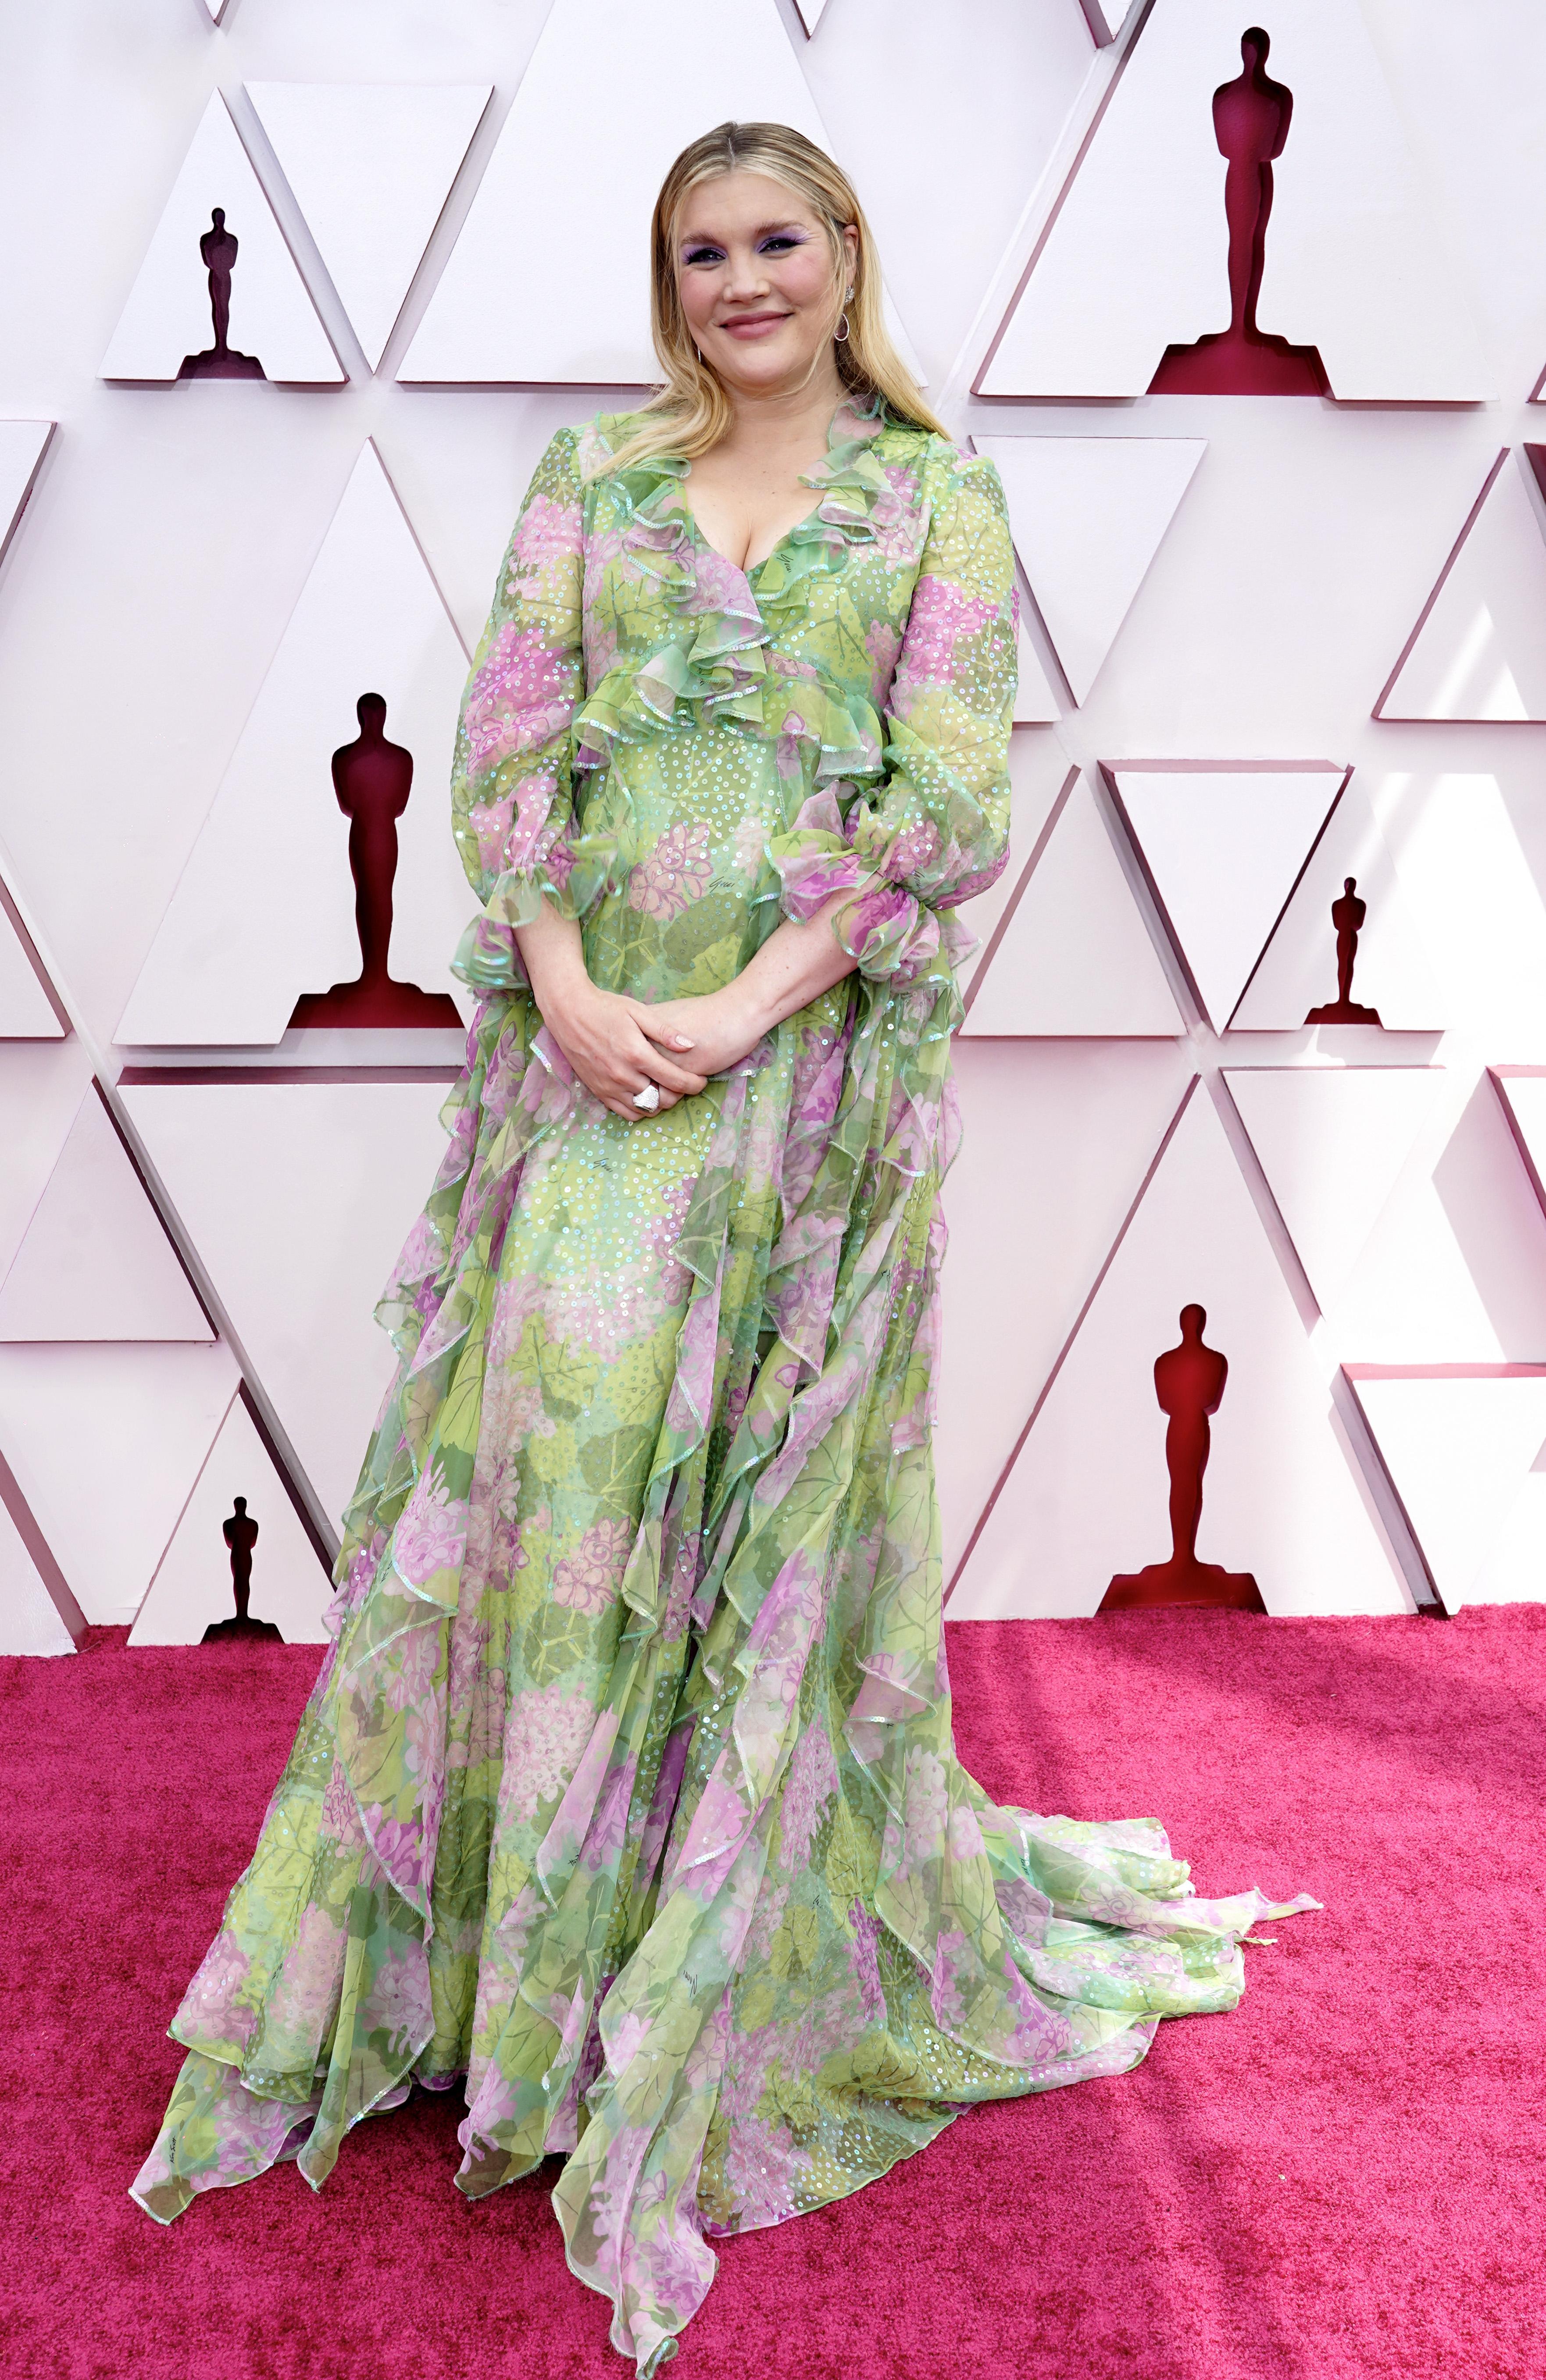 Emerald é uma mulher branca com cabelos loiros. Ela está grávida. Usa um vestido verde com flores cor-de-rosa, mangas longas e fluido, bem romântico